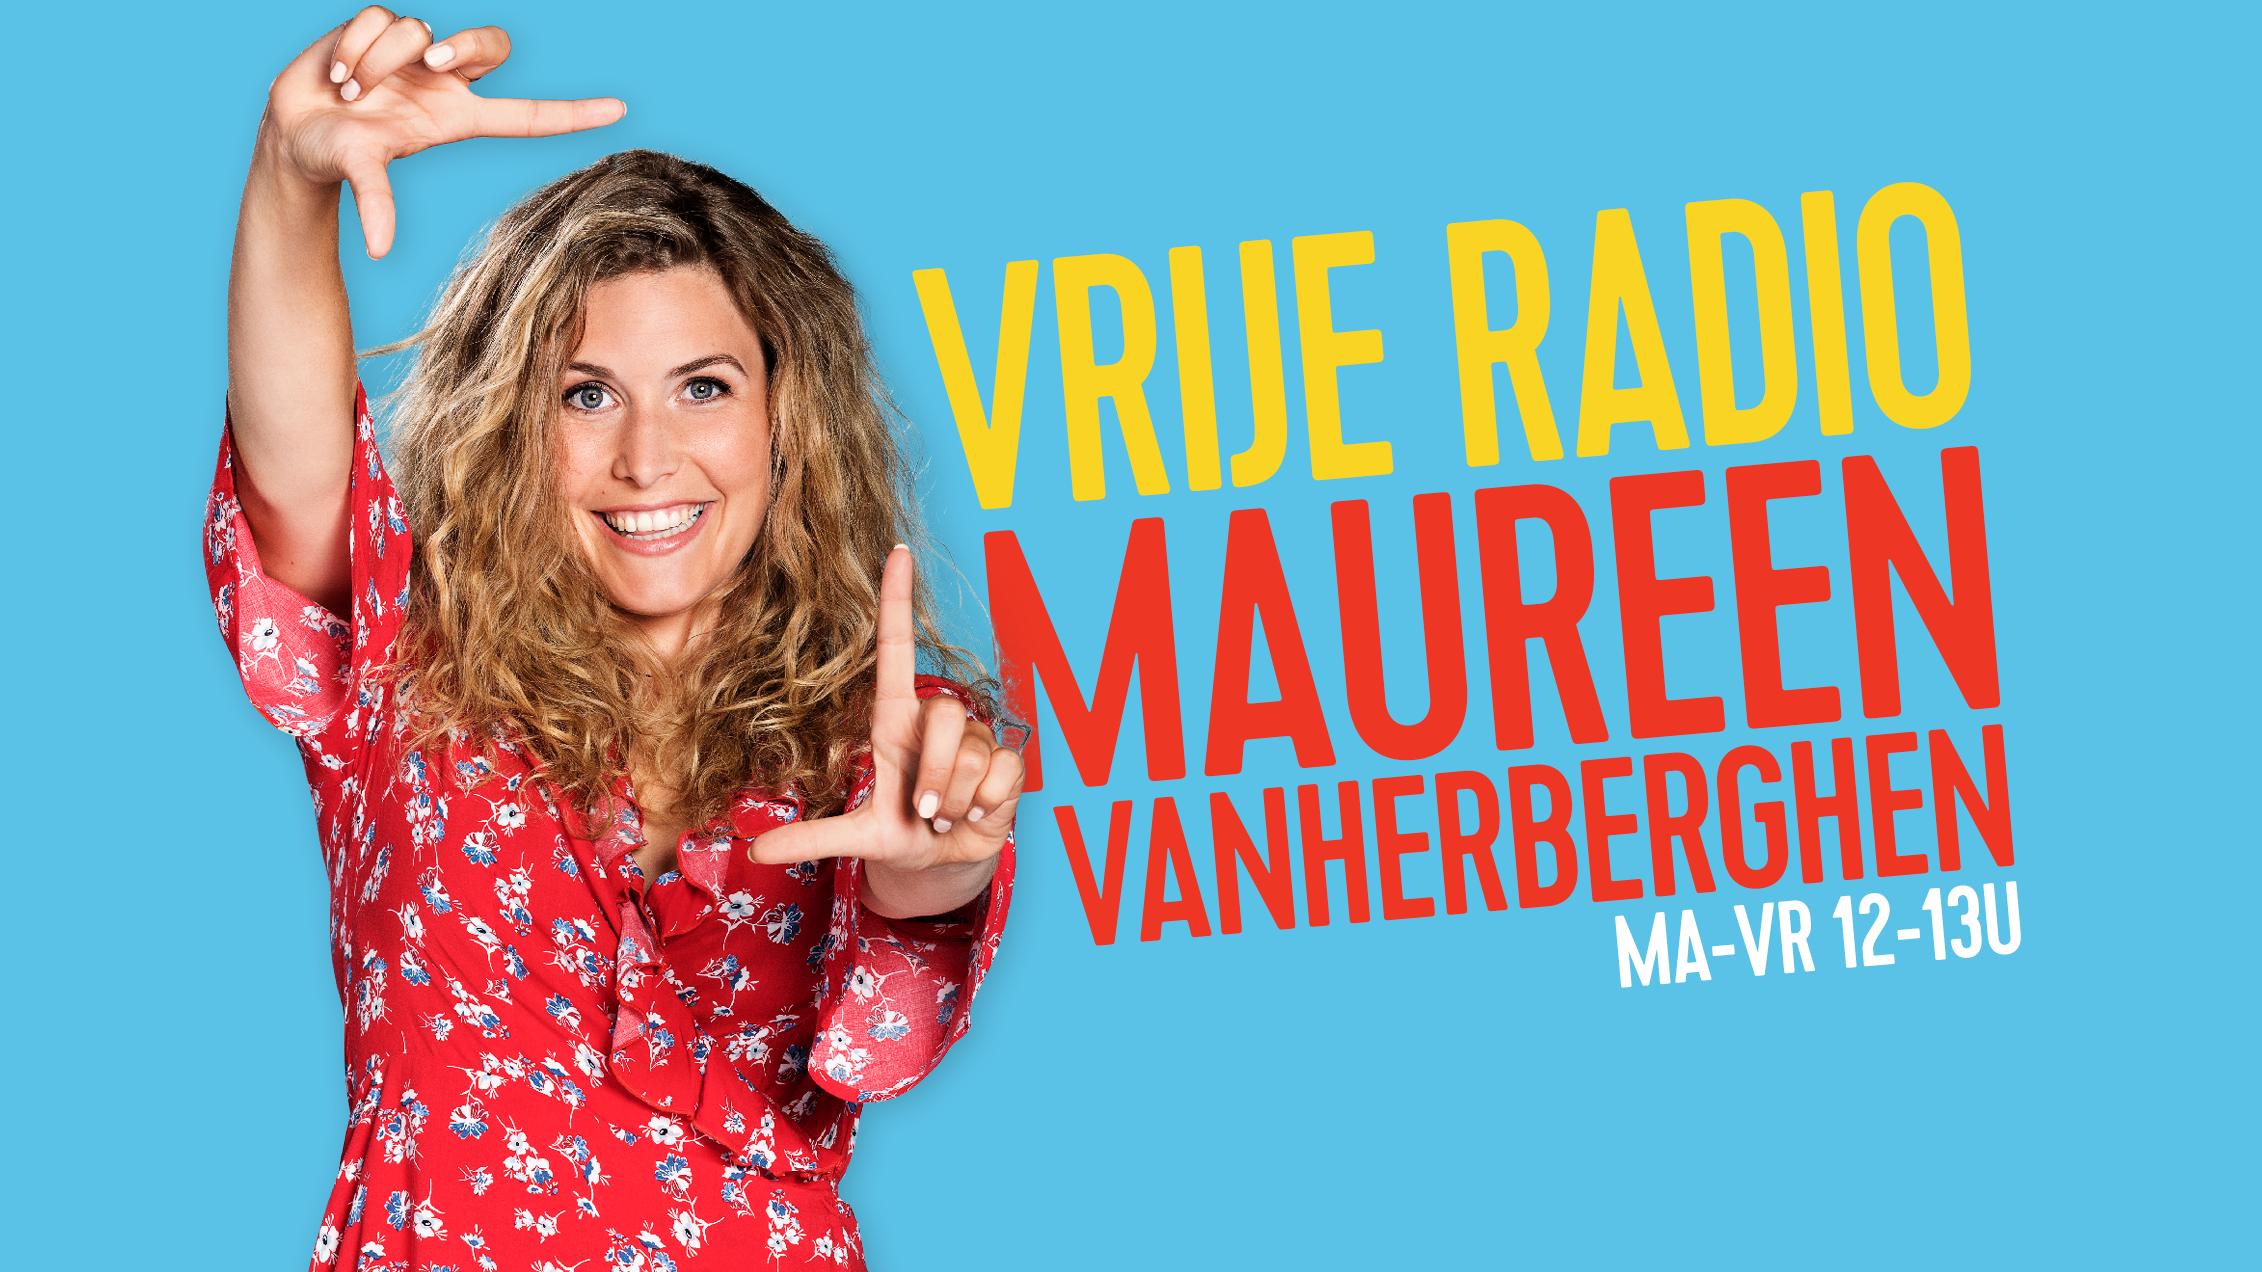 Vrije radio maureen2